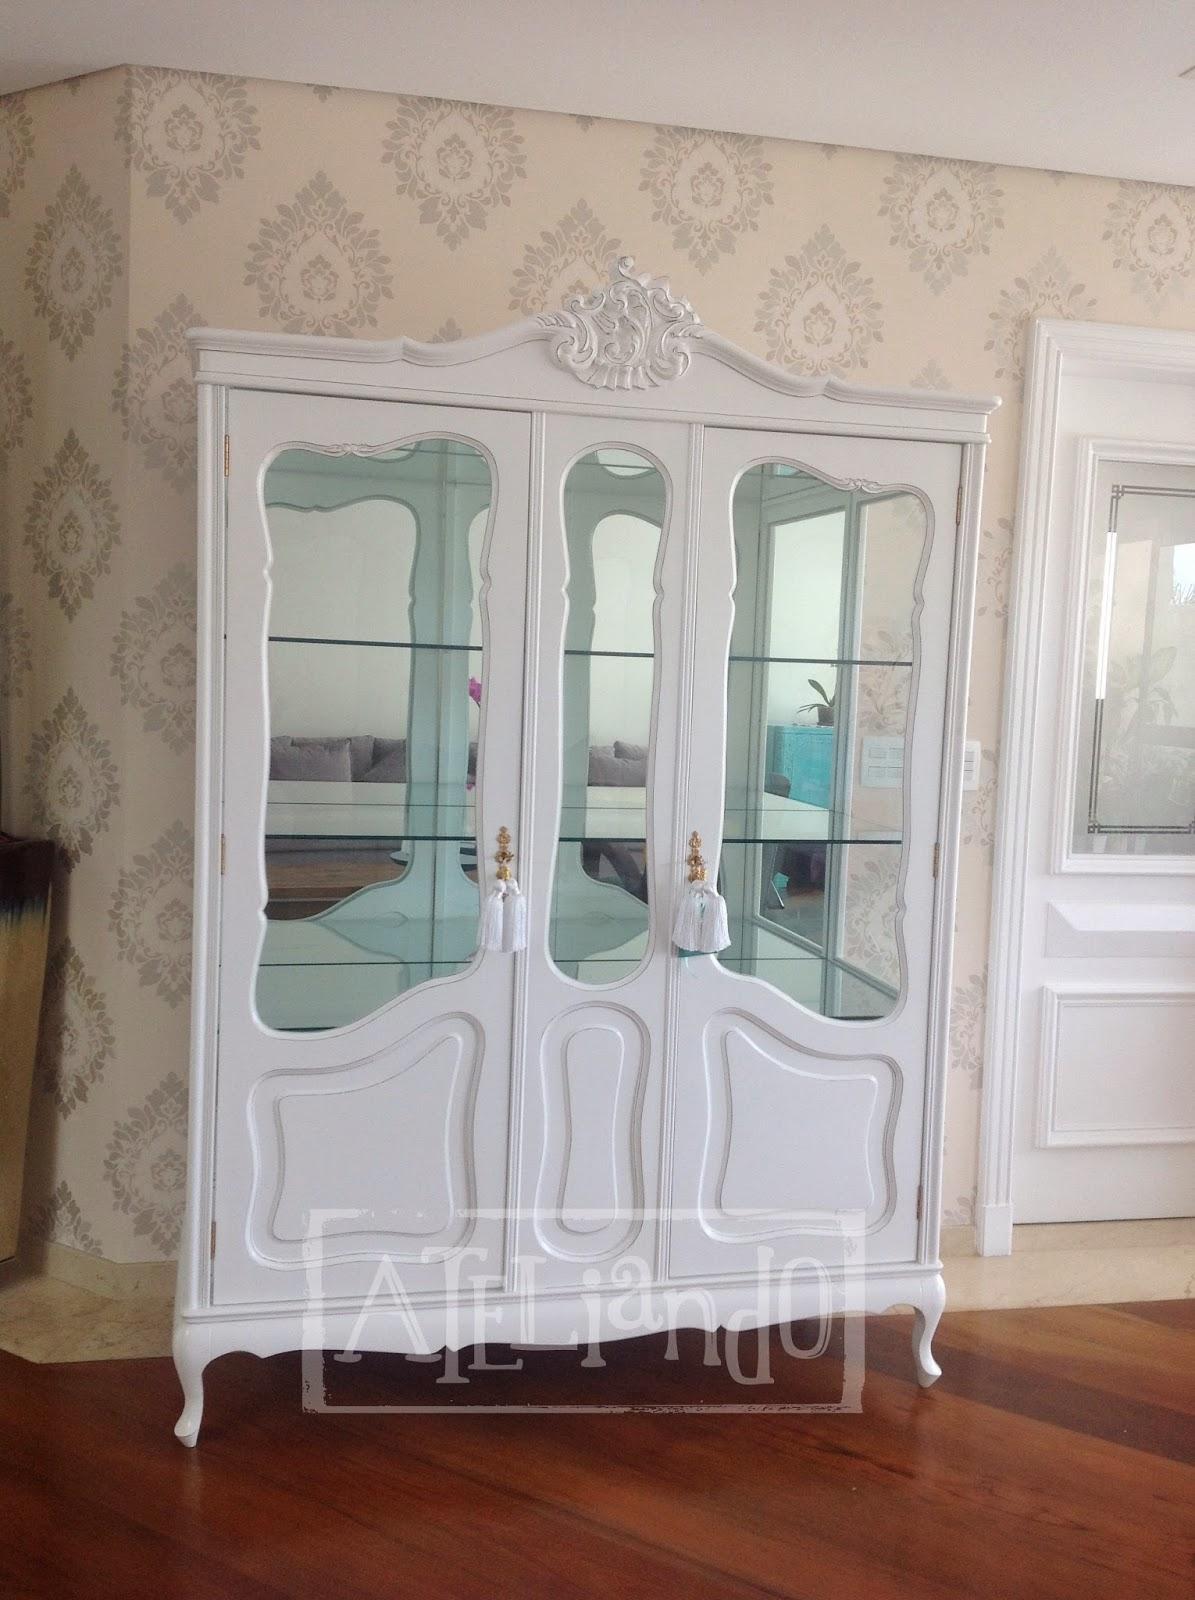 Ateliando Customização de móveis antigos: Guarda Roupa Antigo  #693828 1195x1600